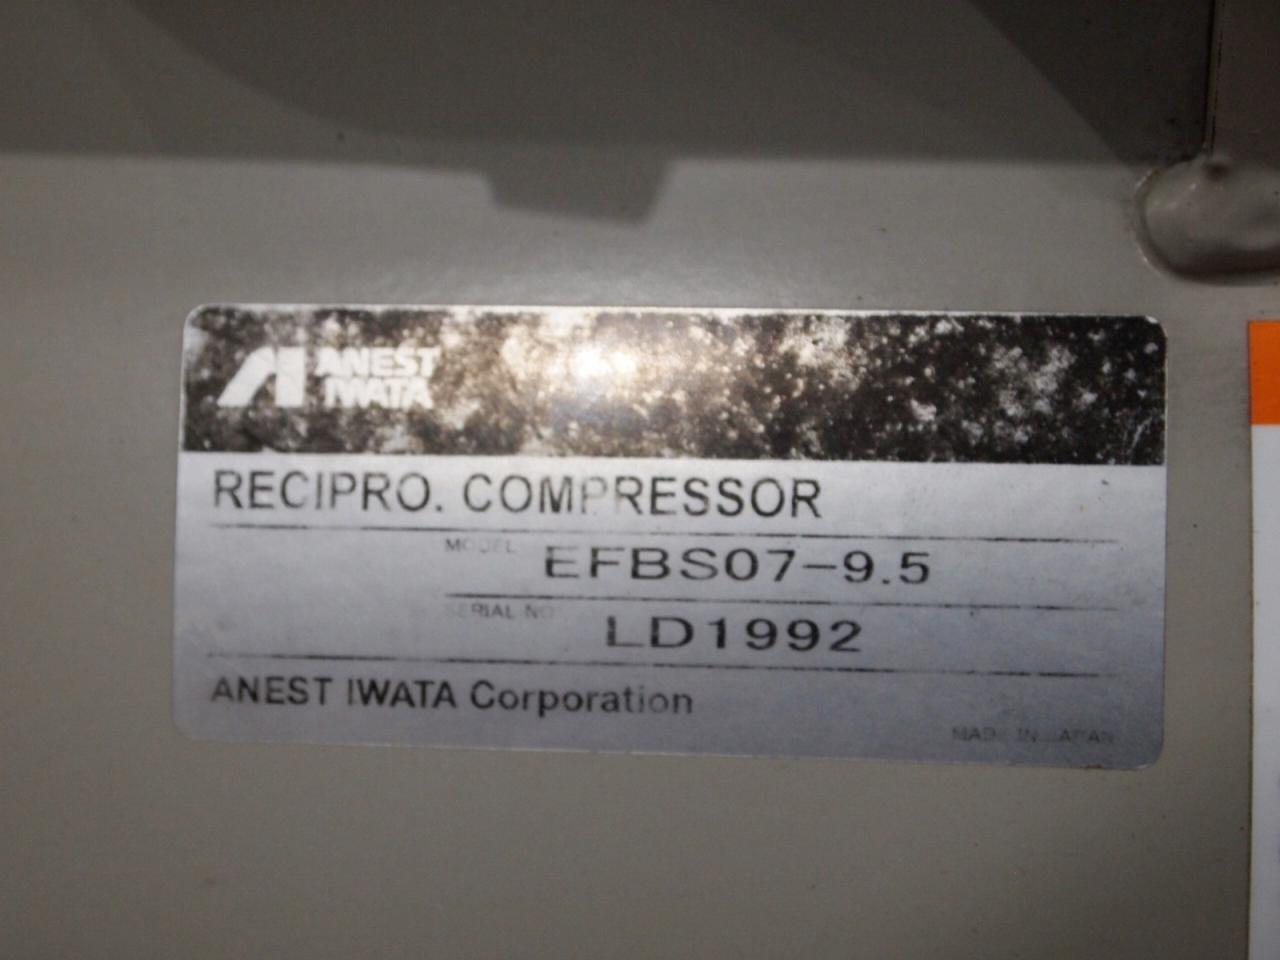 EFBS07-9.5銘板